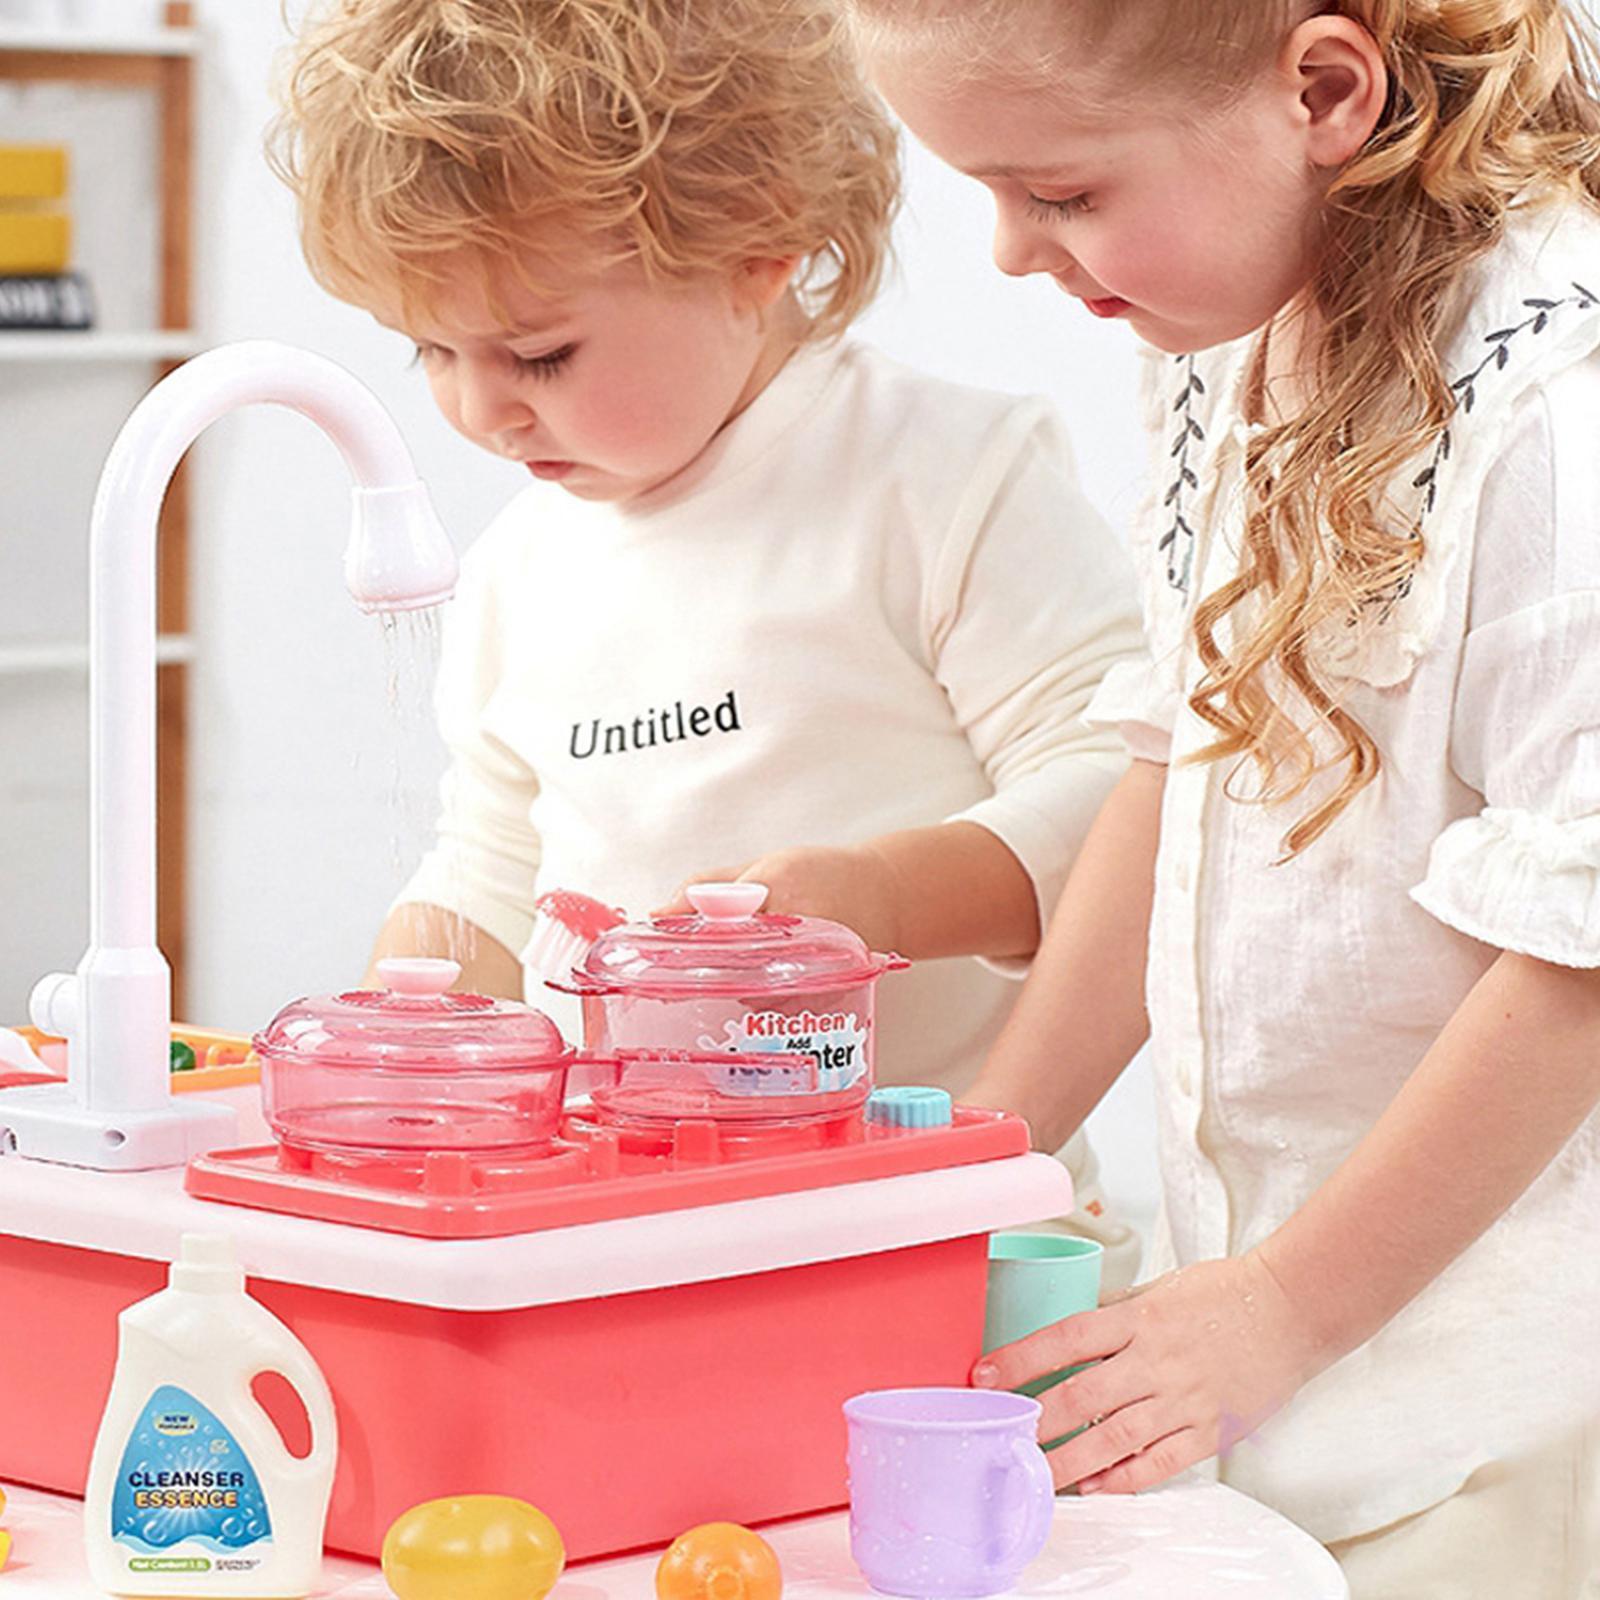 Indexbild 30 - Kinder-Kueche-Spielen-Waschbecken-Spielzeug-Automatische-Wasser-Zyklus-System